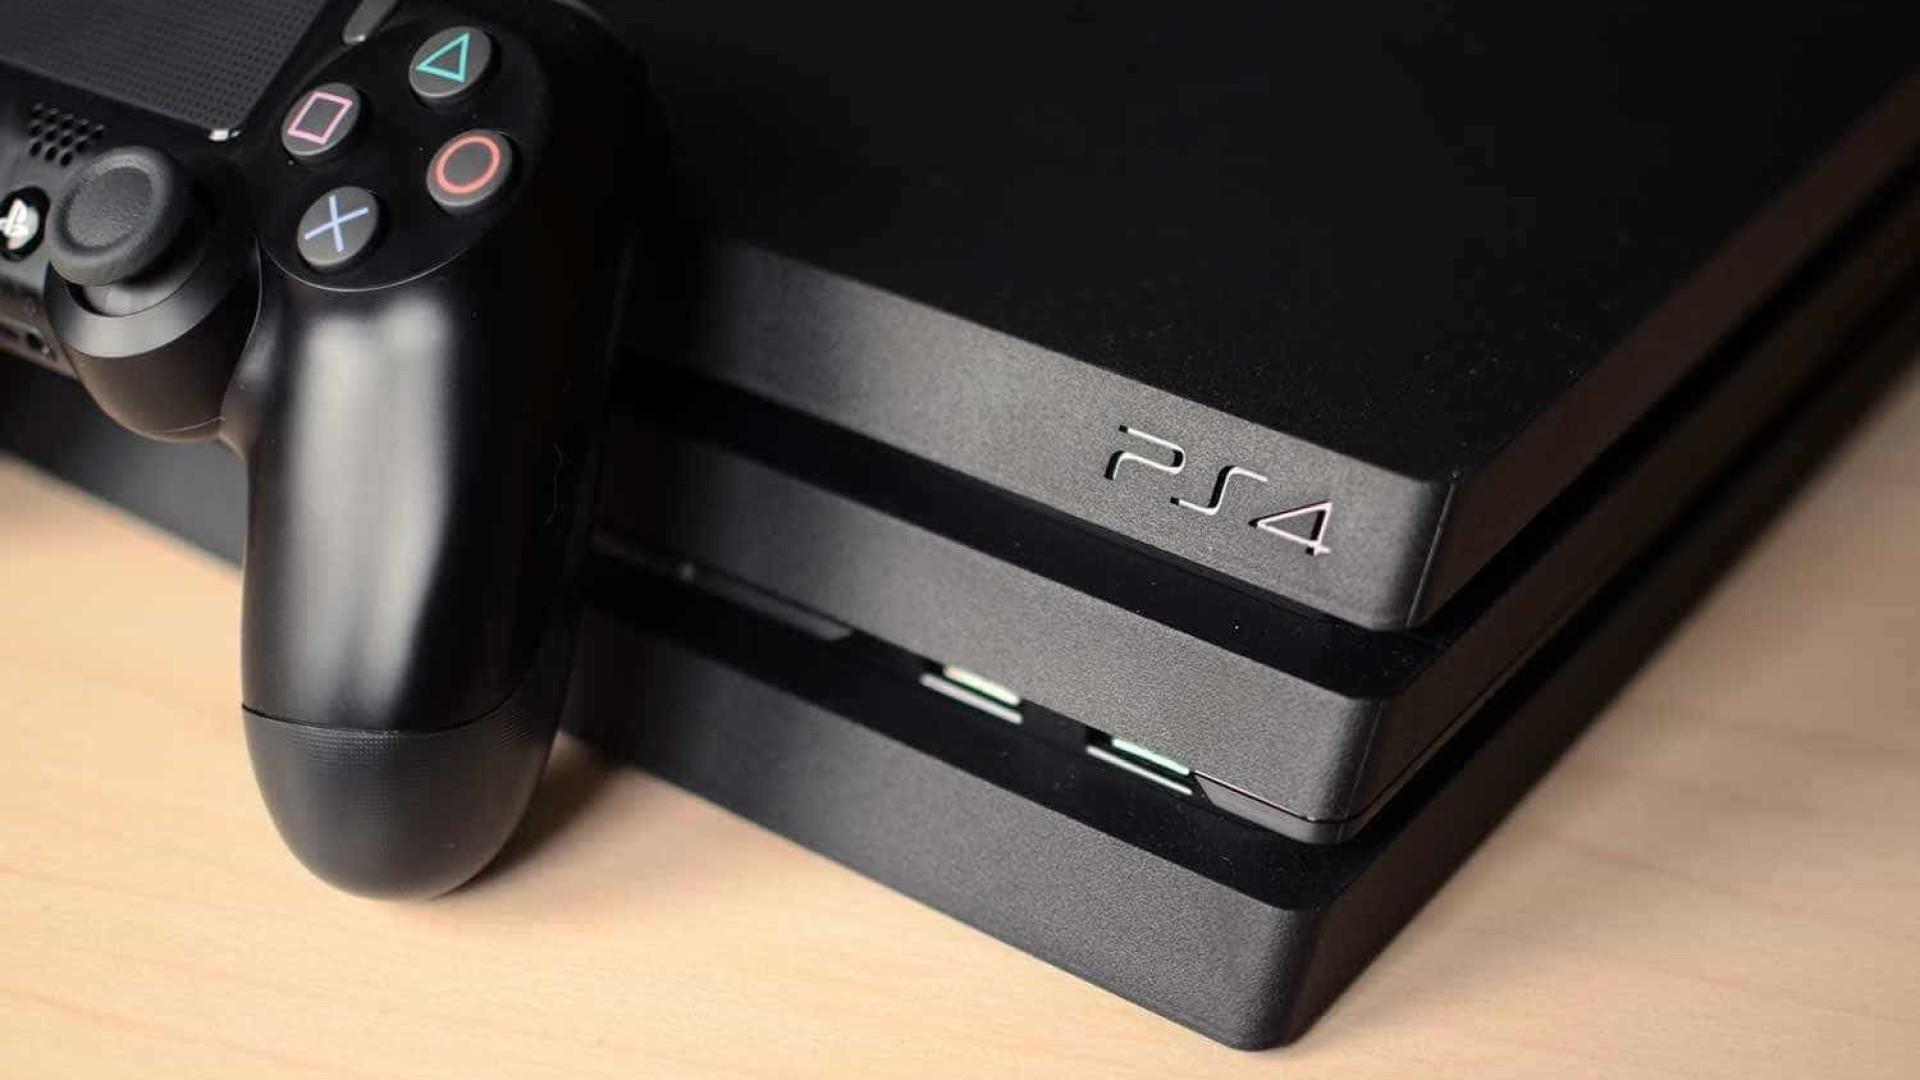 PS4 pode sair por R$ 400 em novo leilão da Receita Federal